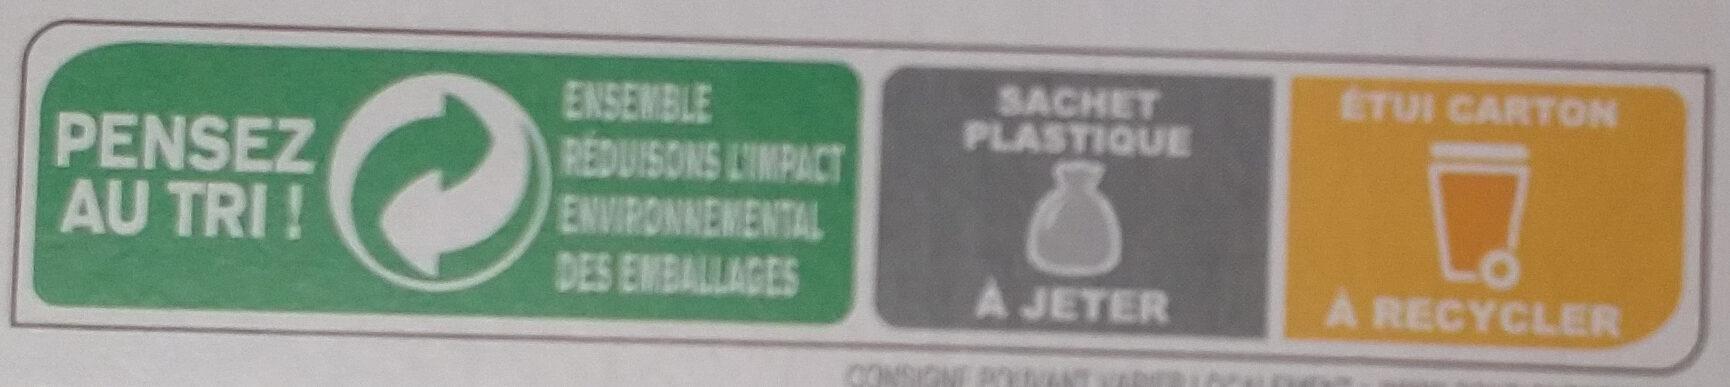 Frusli fruits rouges - Istruzioni per il riciclaggio e/o informazioni sull'imballaggio - fr